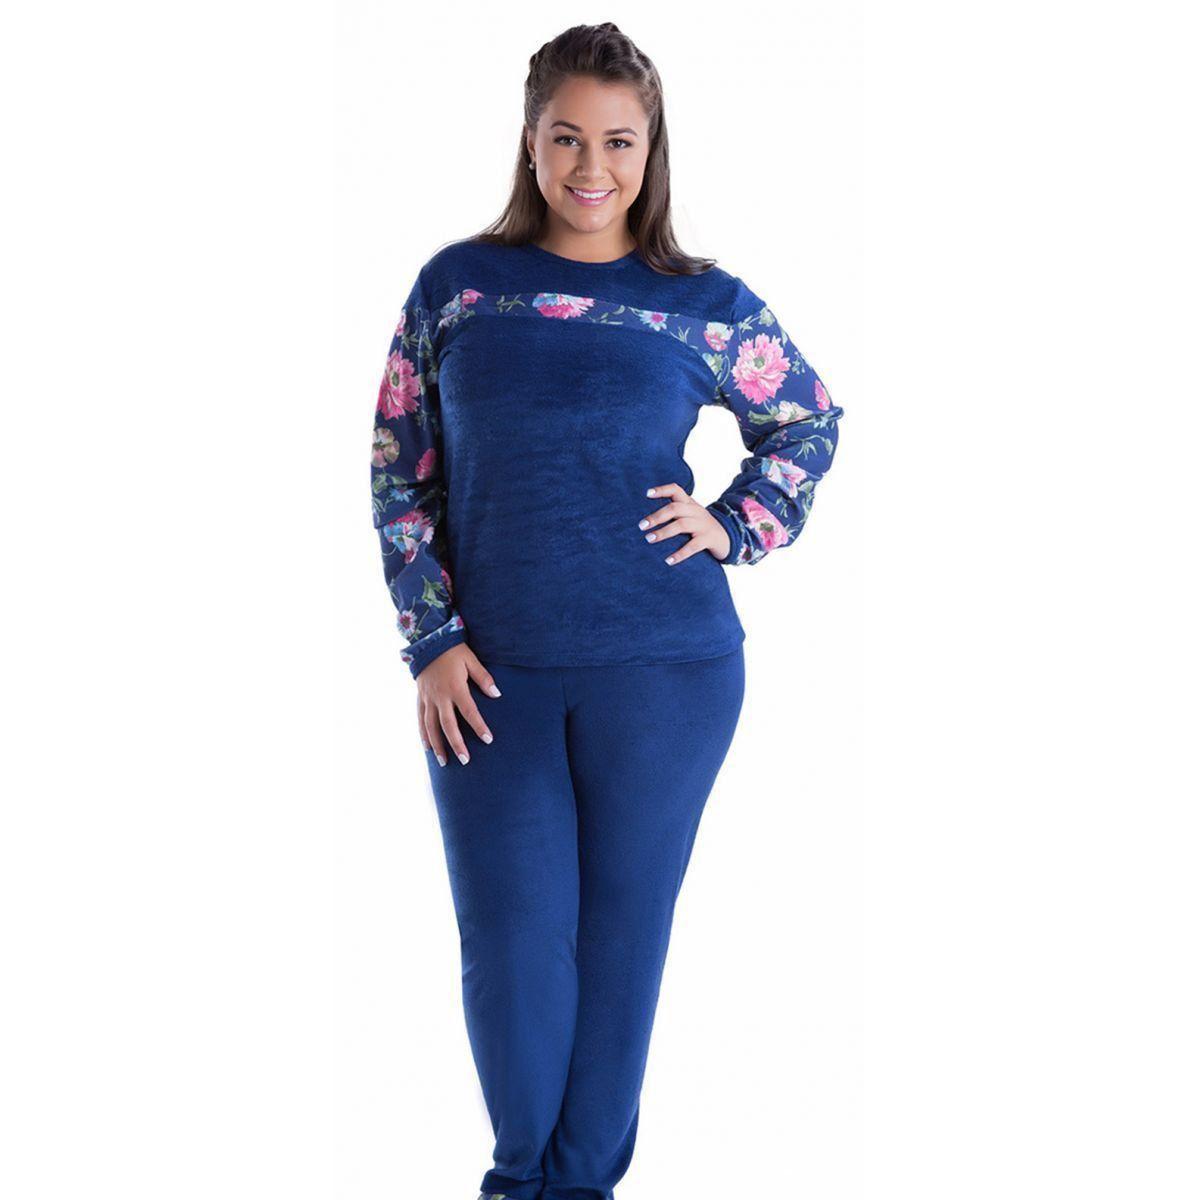 Pijama feminino inverno frio longo Plus size Victory